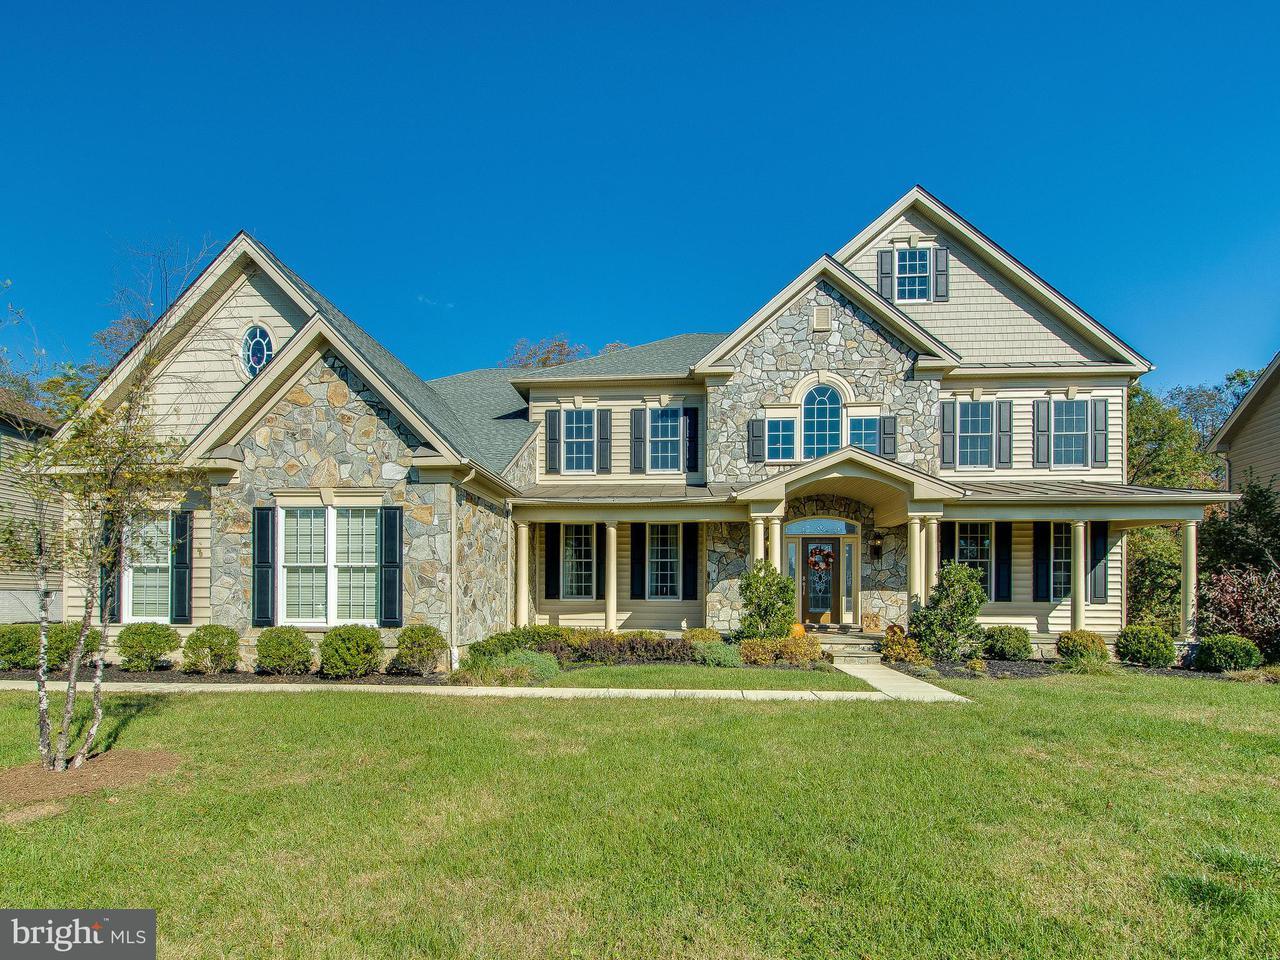 Maison unifamiliale pour l Vente à 2651 WINTER MORNING WAY 2651 WINTER MORNING WAY Olney, Maryland 20832 États-Unis